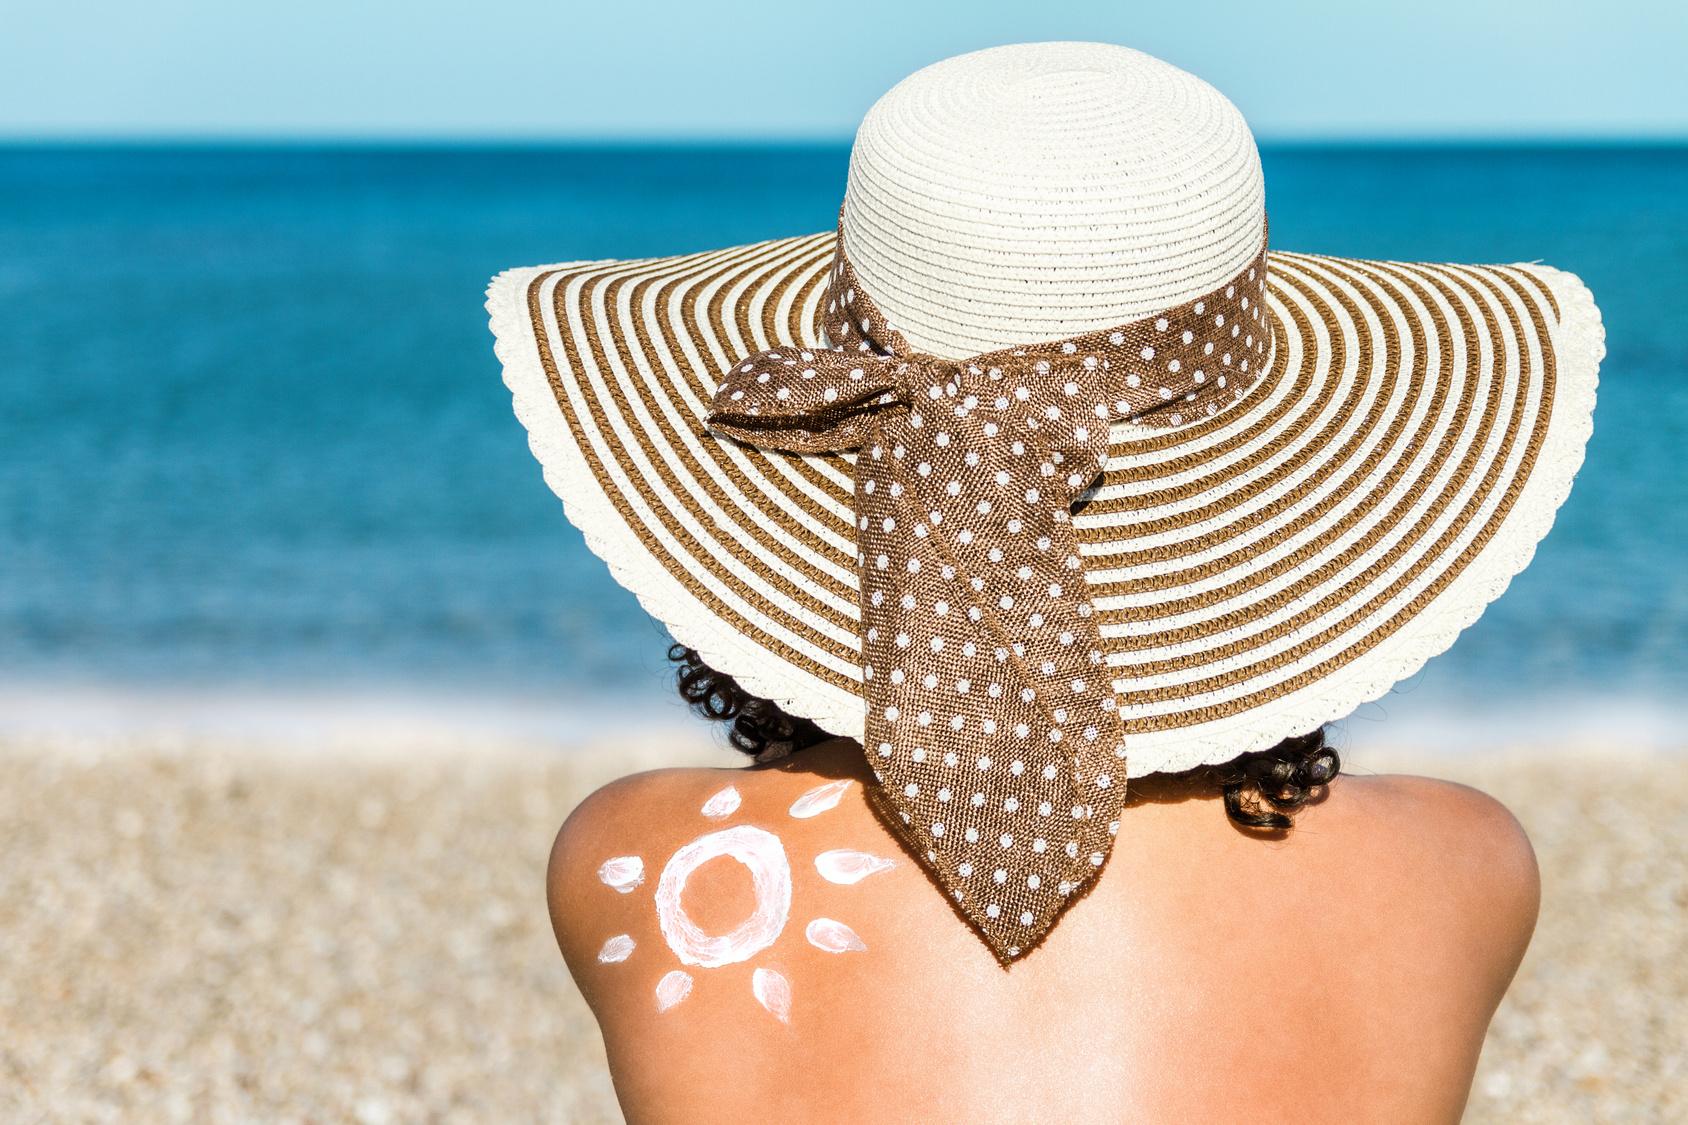 Frau mit Sonnenhut am Meer